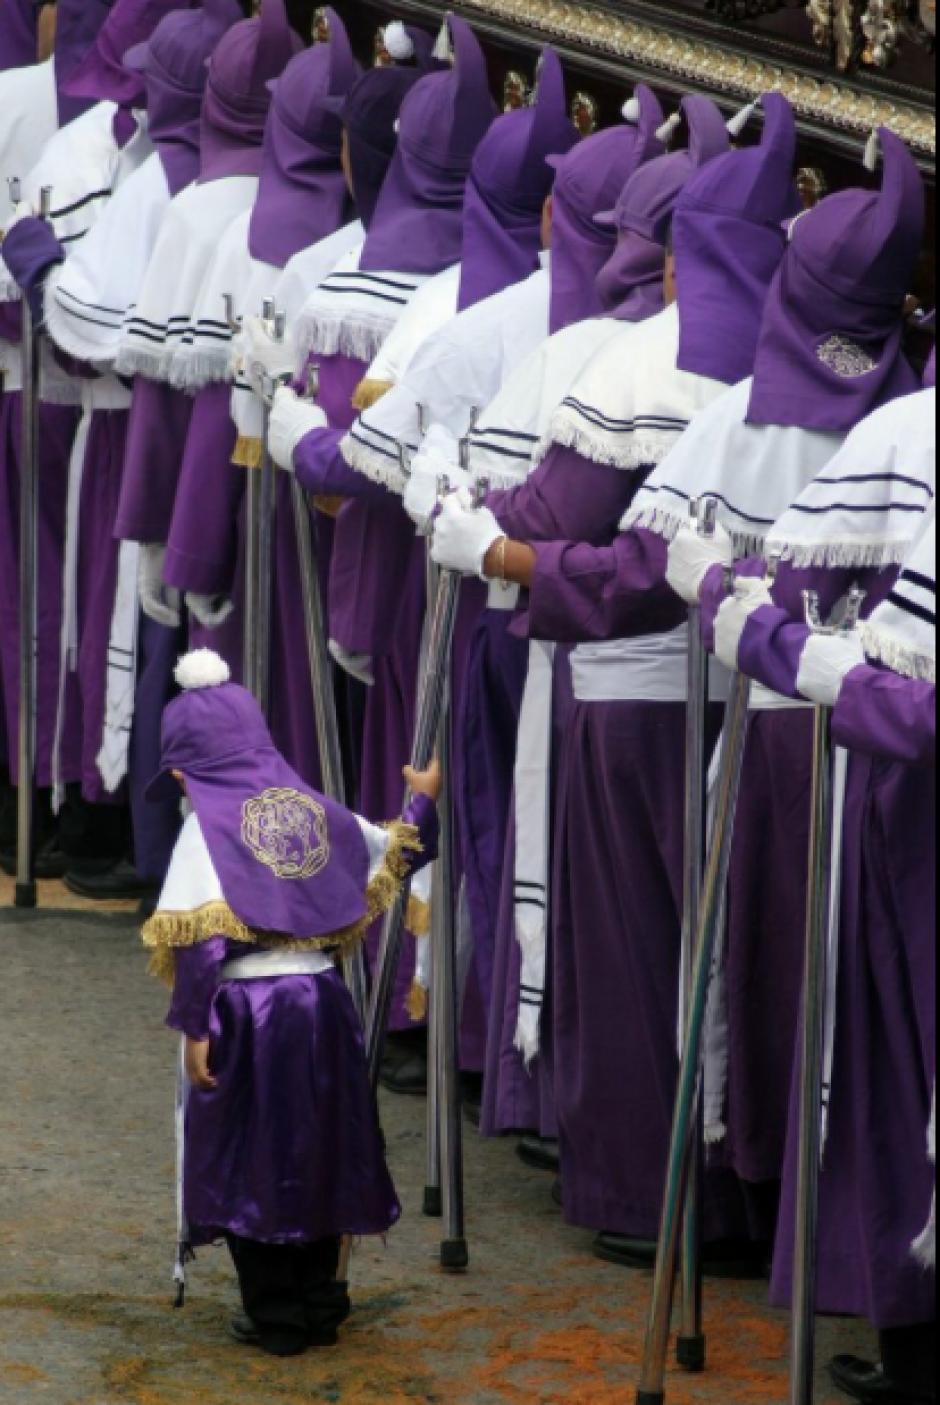 Este Jueves Santo los católicos conmemoran la institucion de la Eucaristía. (Foto: Raúl Illescas/ Soy502)